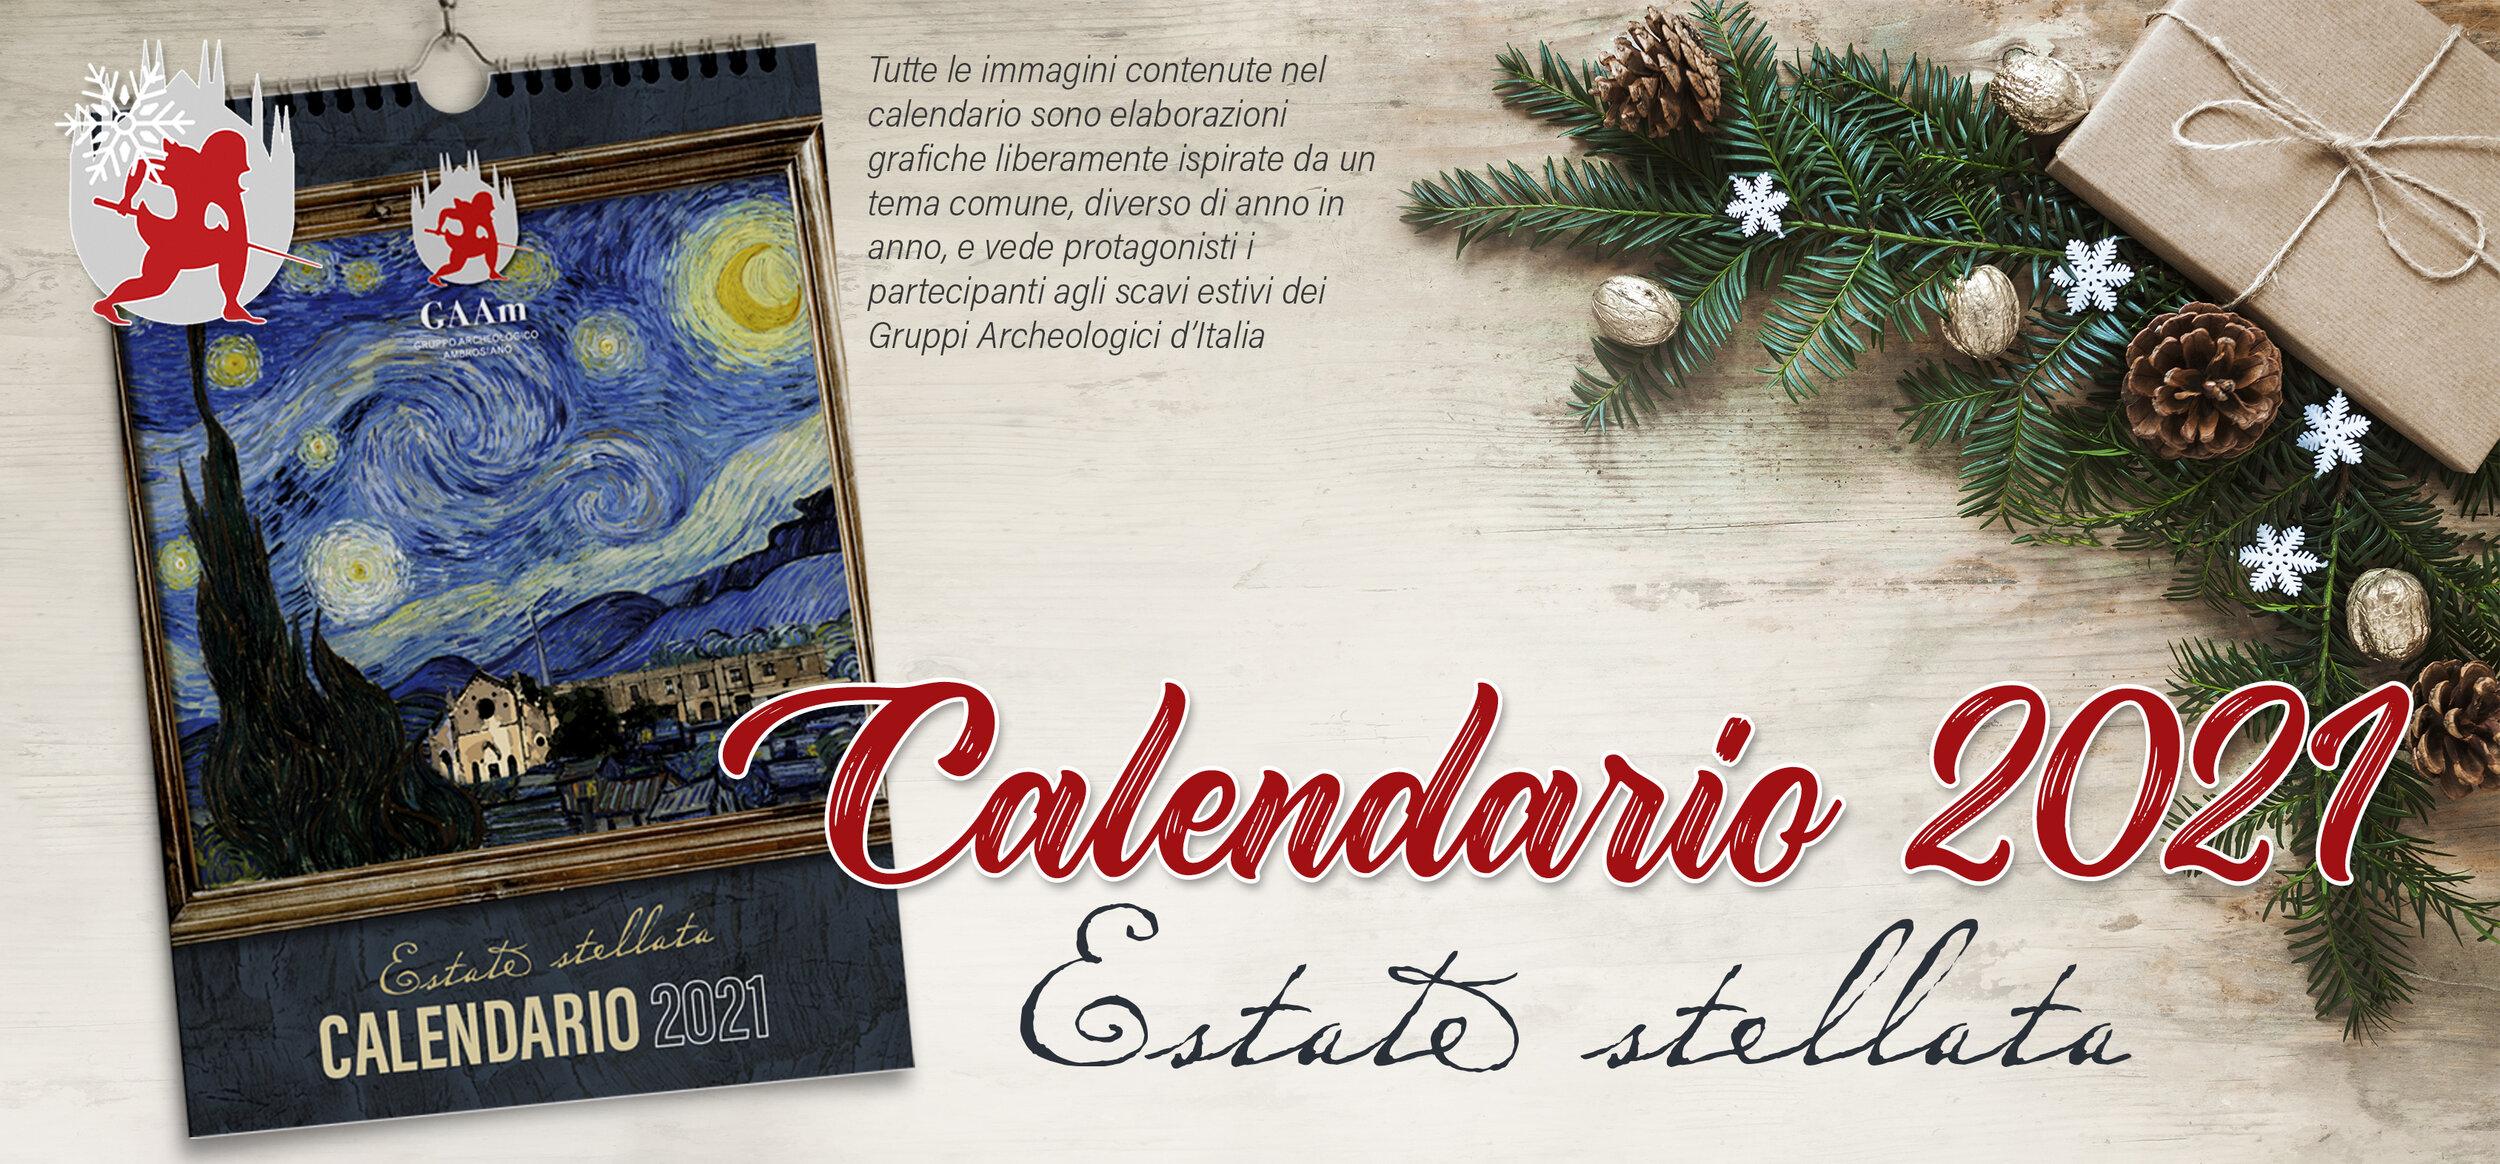 Natale 2021 Calendario.Natale Gaam 2020 Calendario 2021 Gruppo Archeologico Ambrosiano